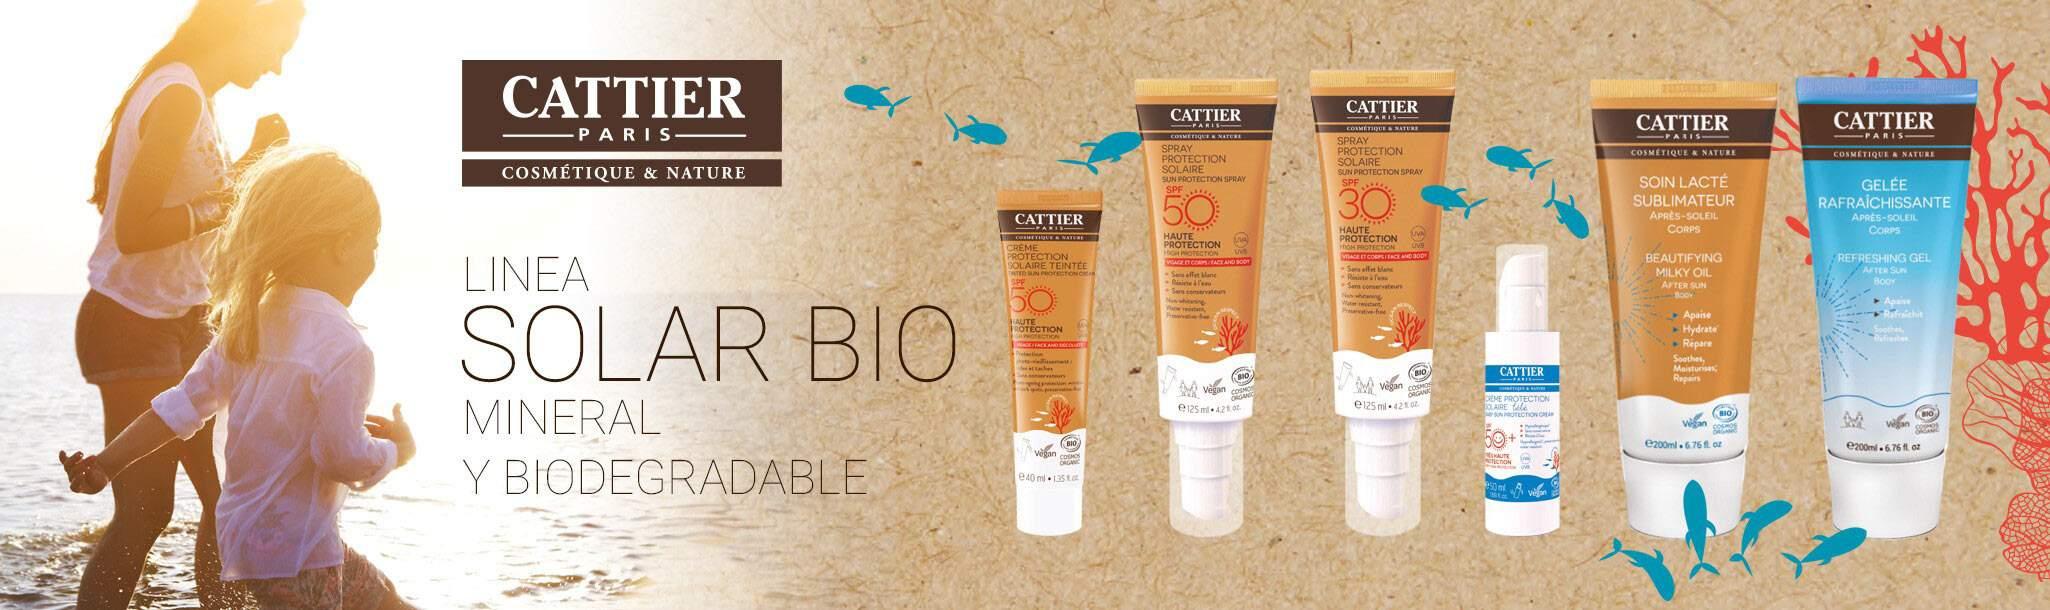 CATTIER Linea Solar Bio